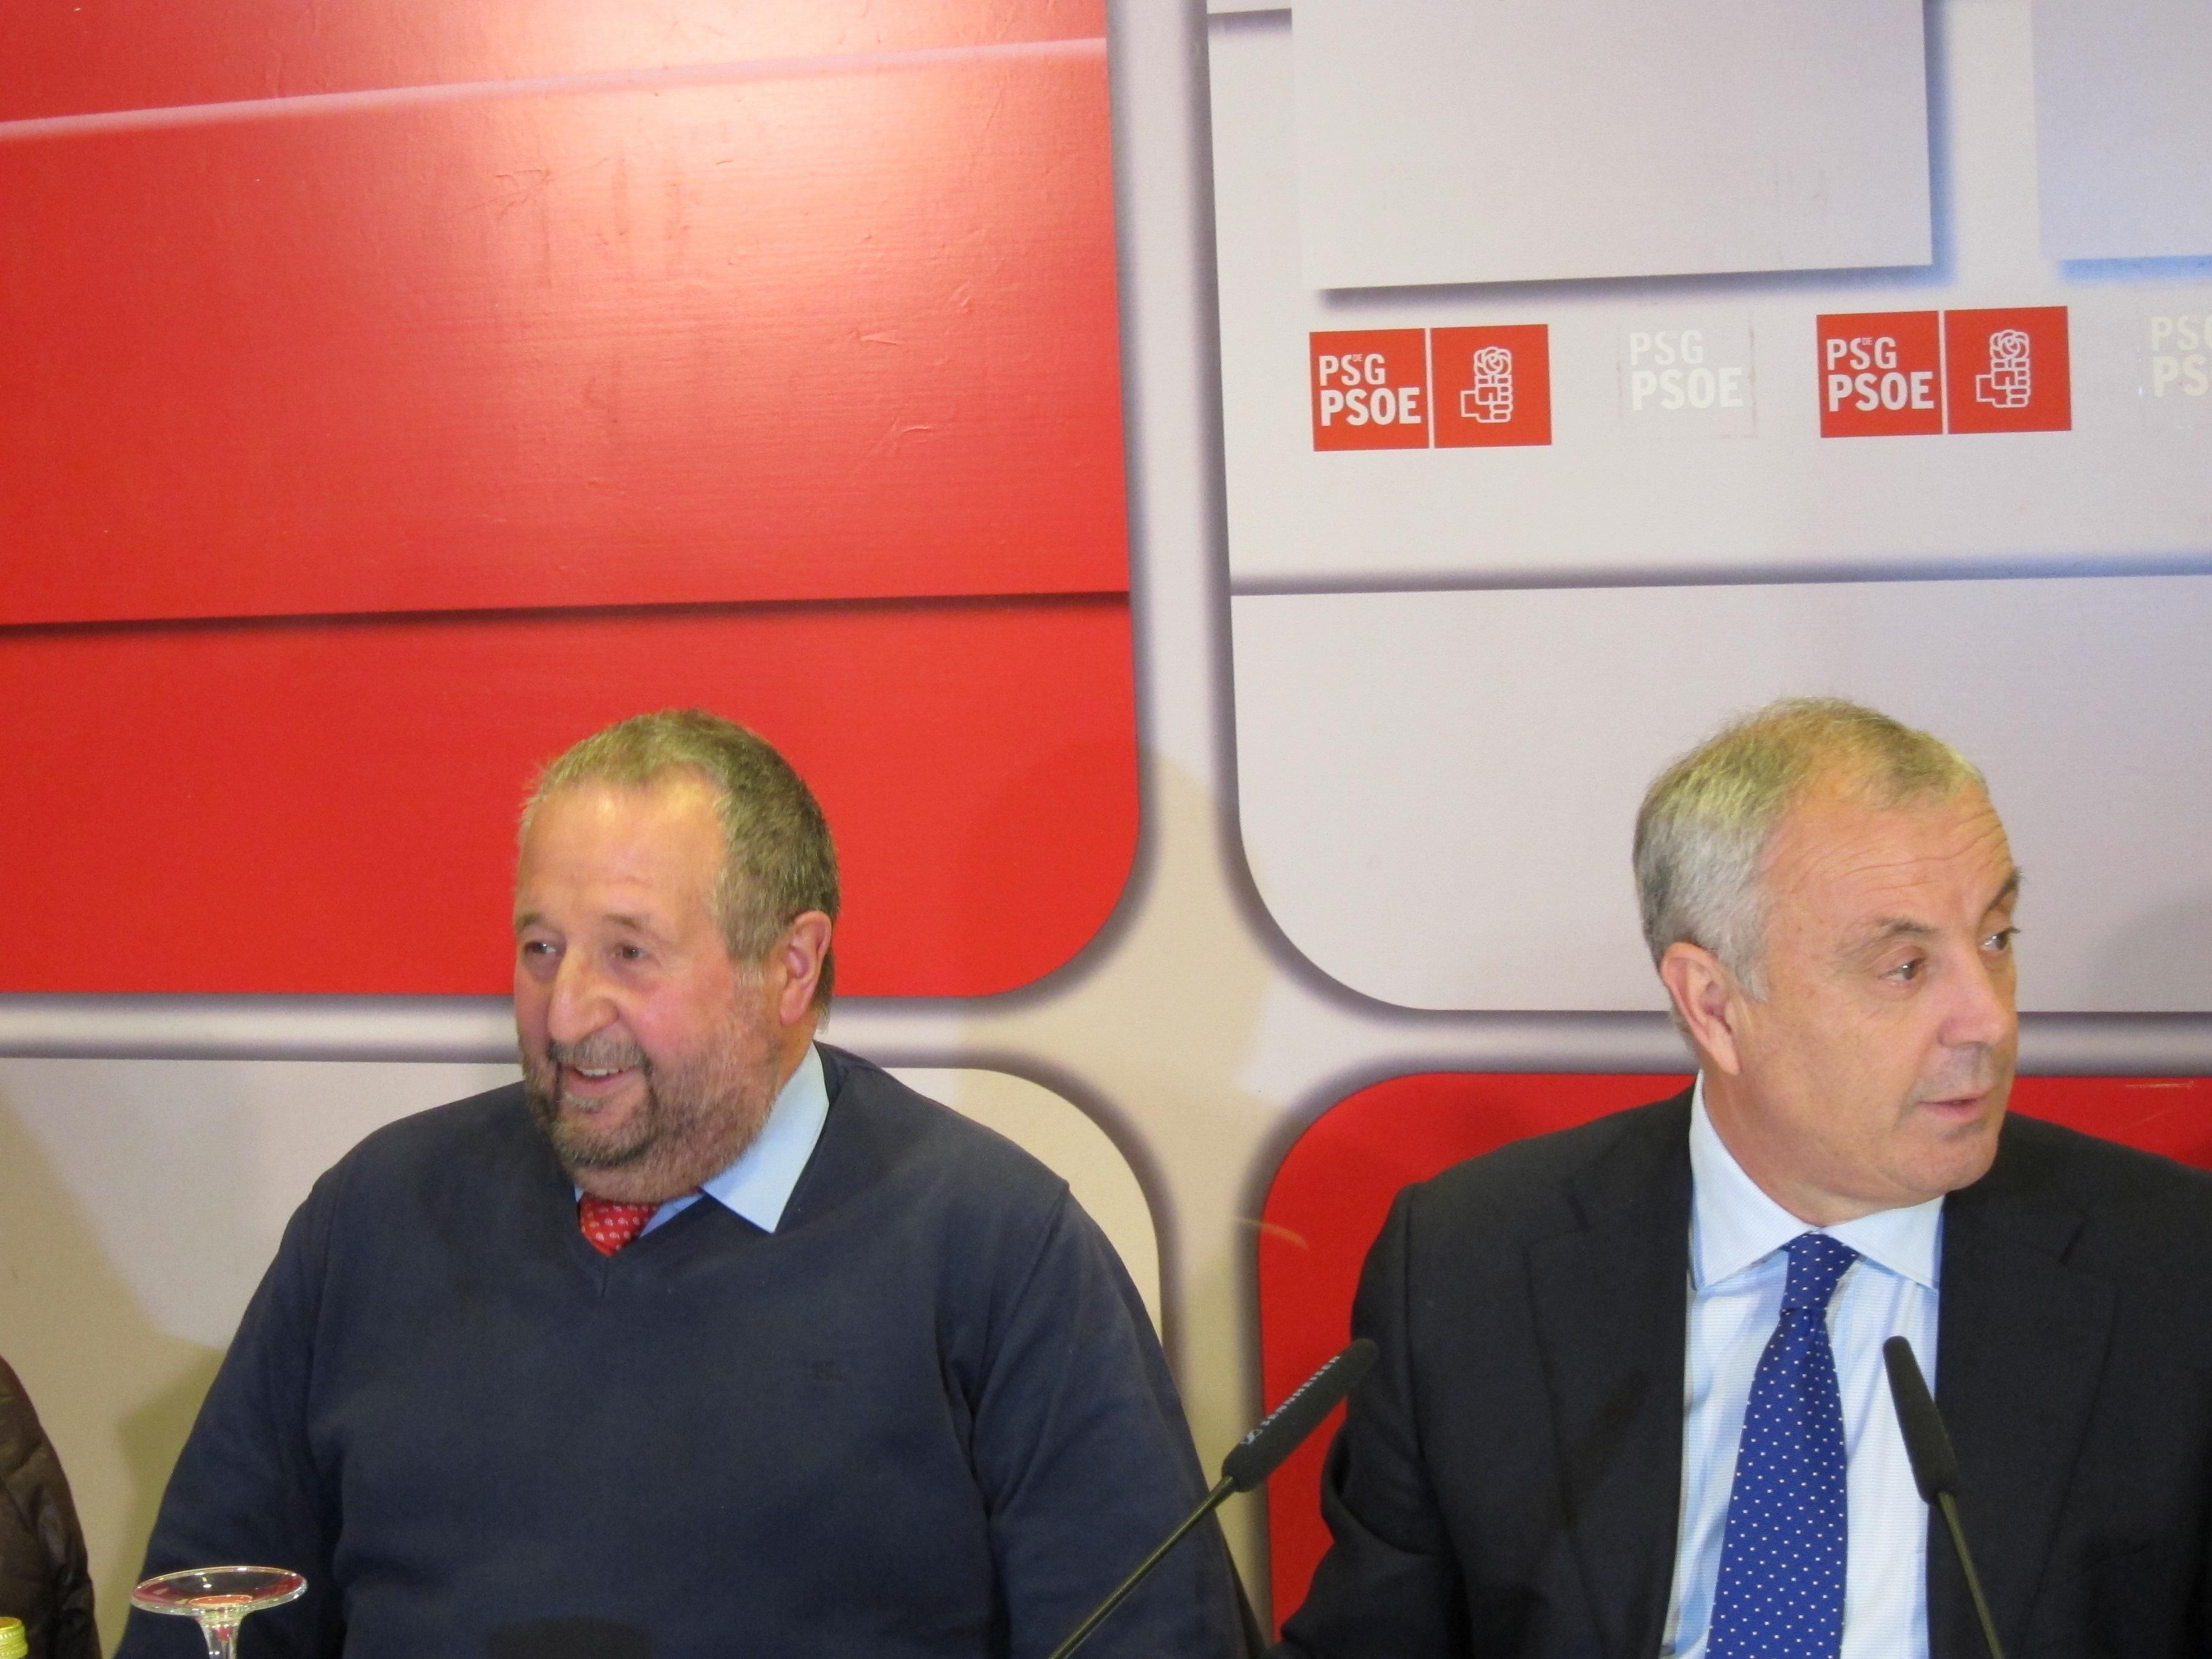 Alcalde de Lugo ratifica su apoyo a la candidatura de Besteiro para liderar el PSdeG